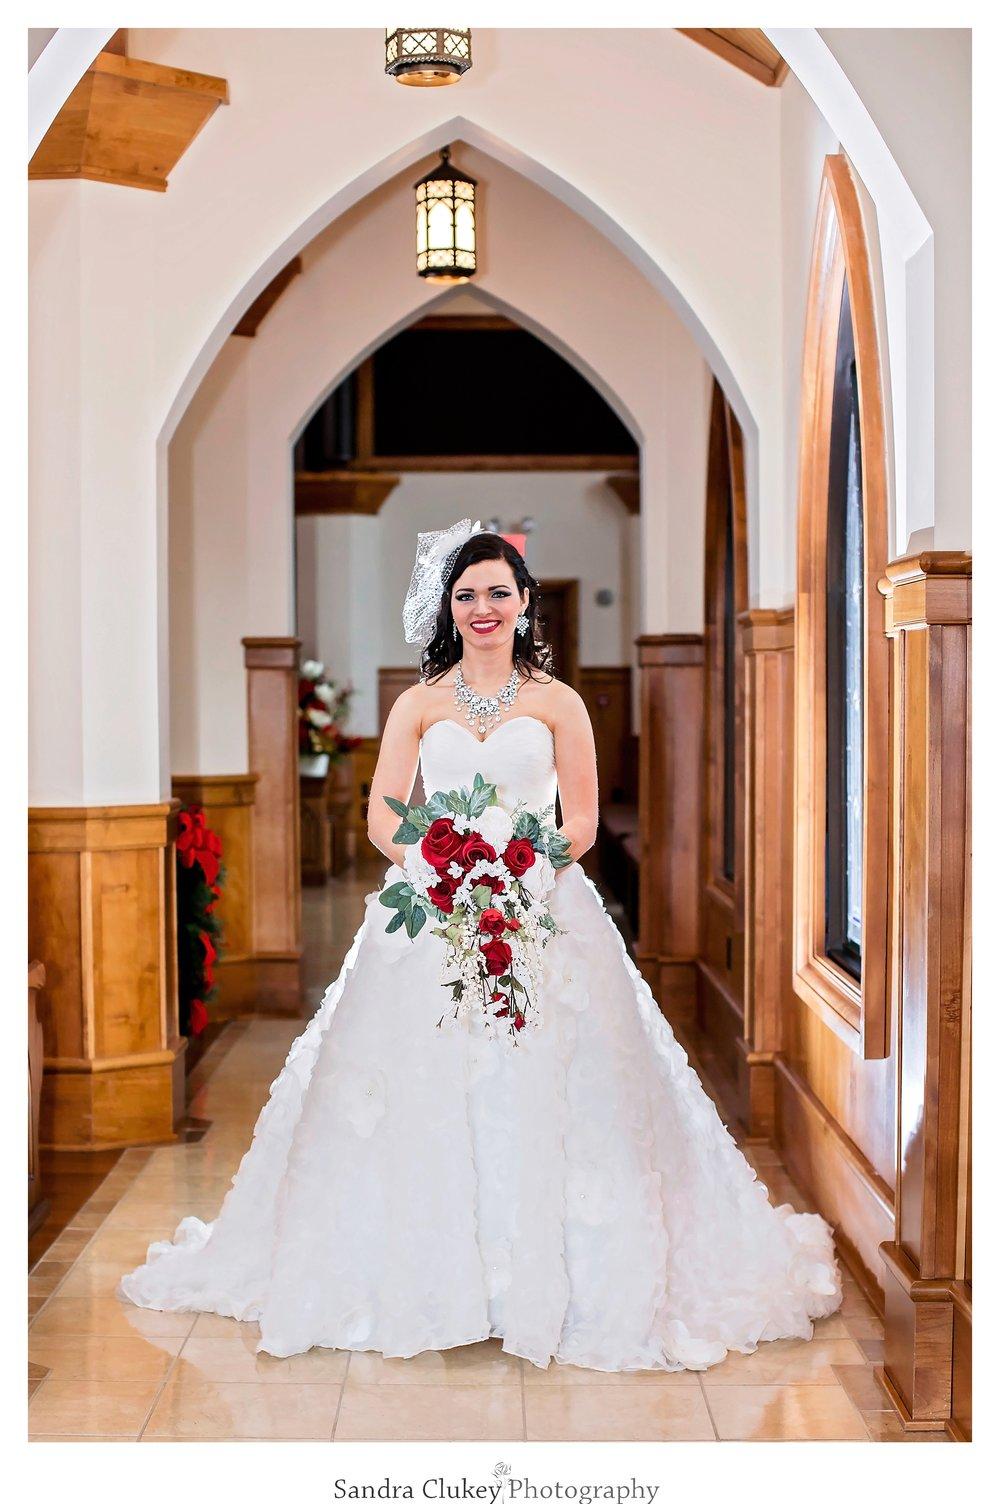 Graceful Bride in Chapel